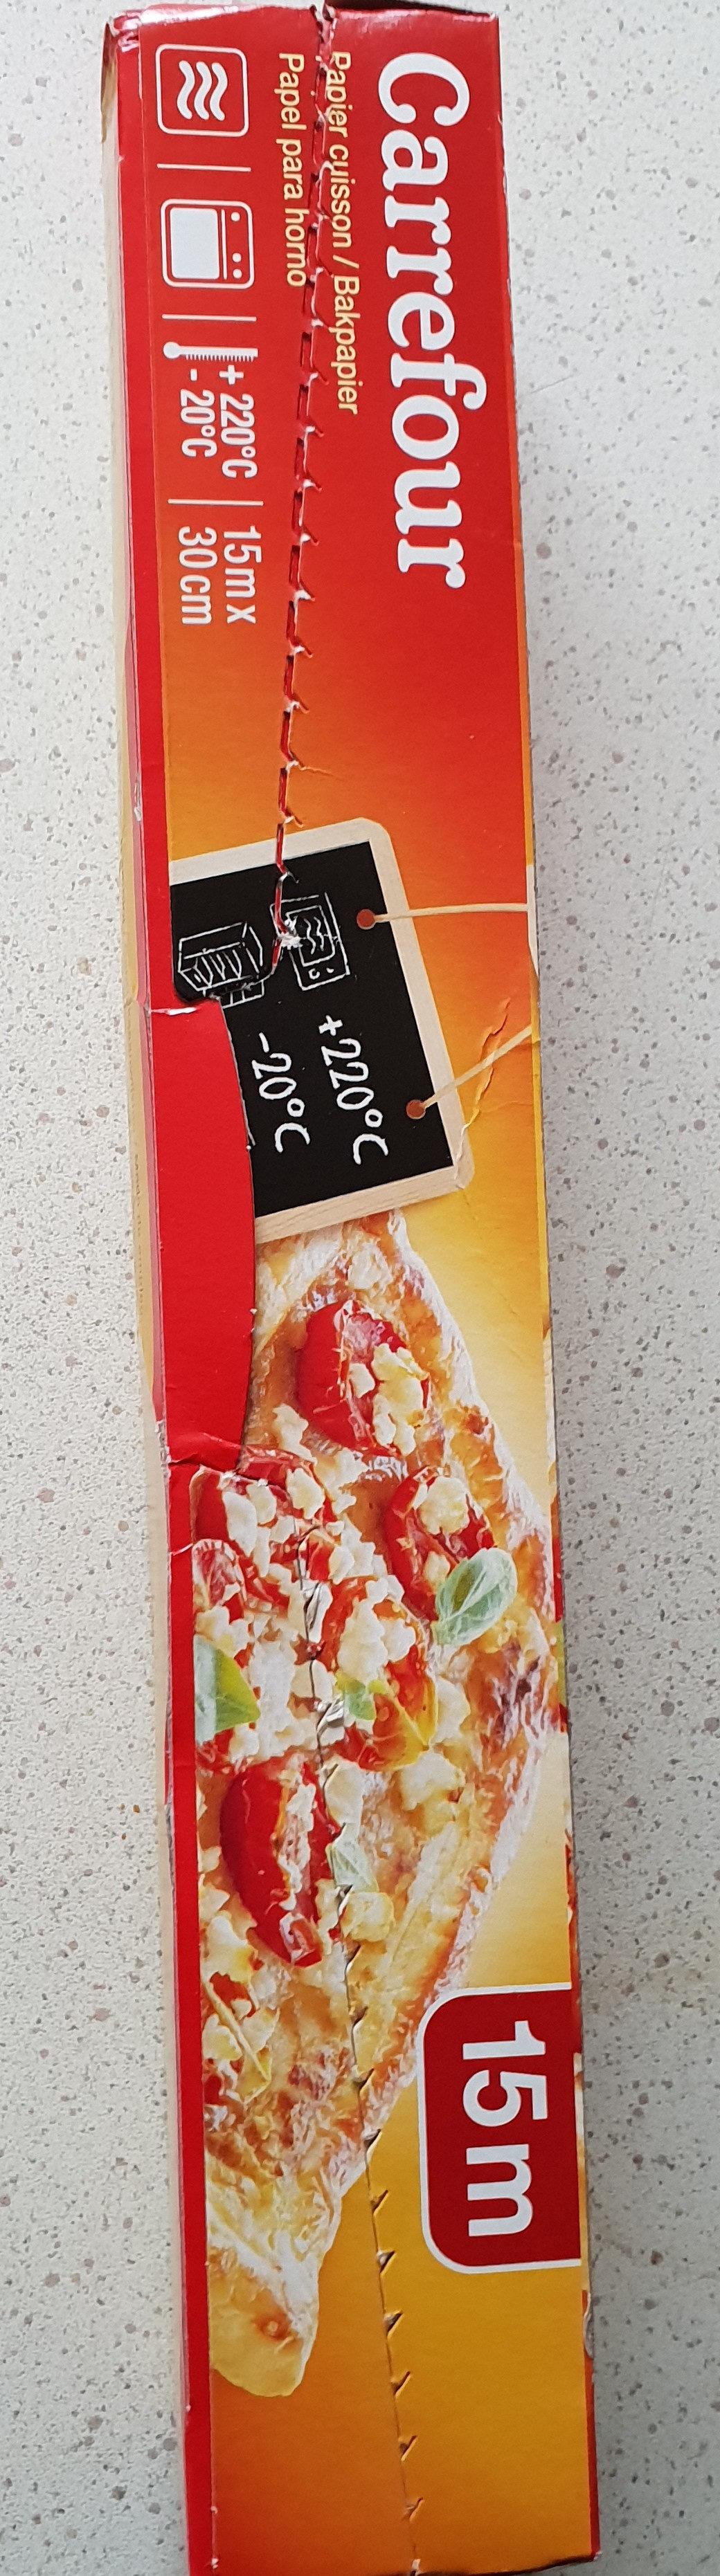 papier cuisson - Product